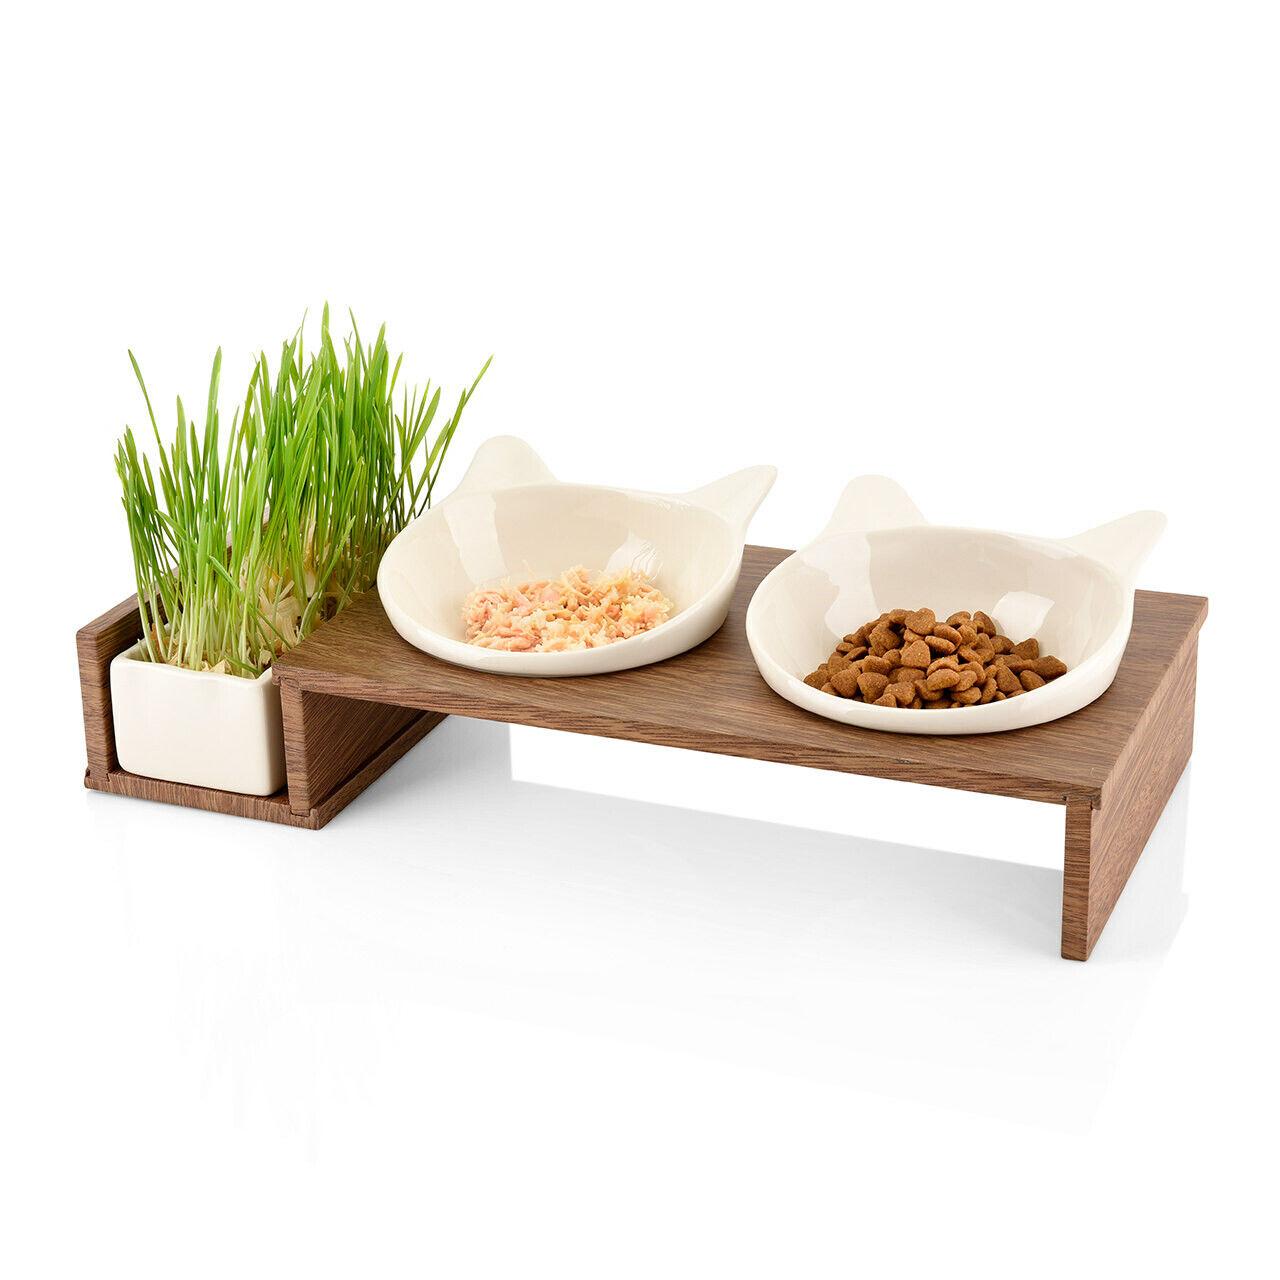 Futter Station für Katzen in einem Holzrahmen und Keramik Schalen für Katzengras